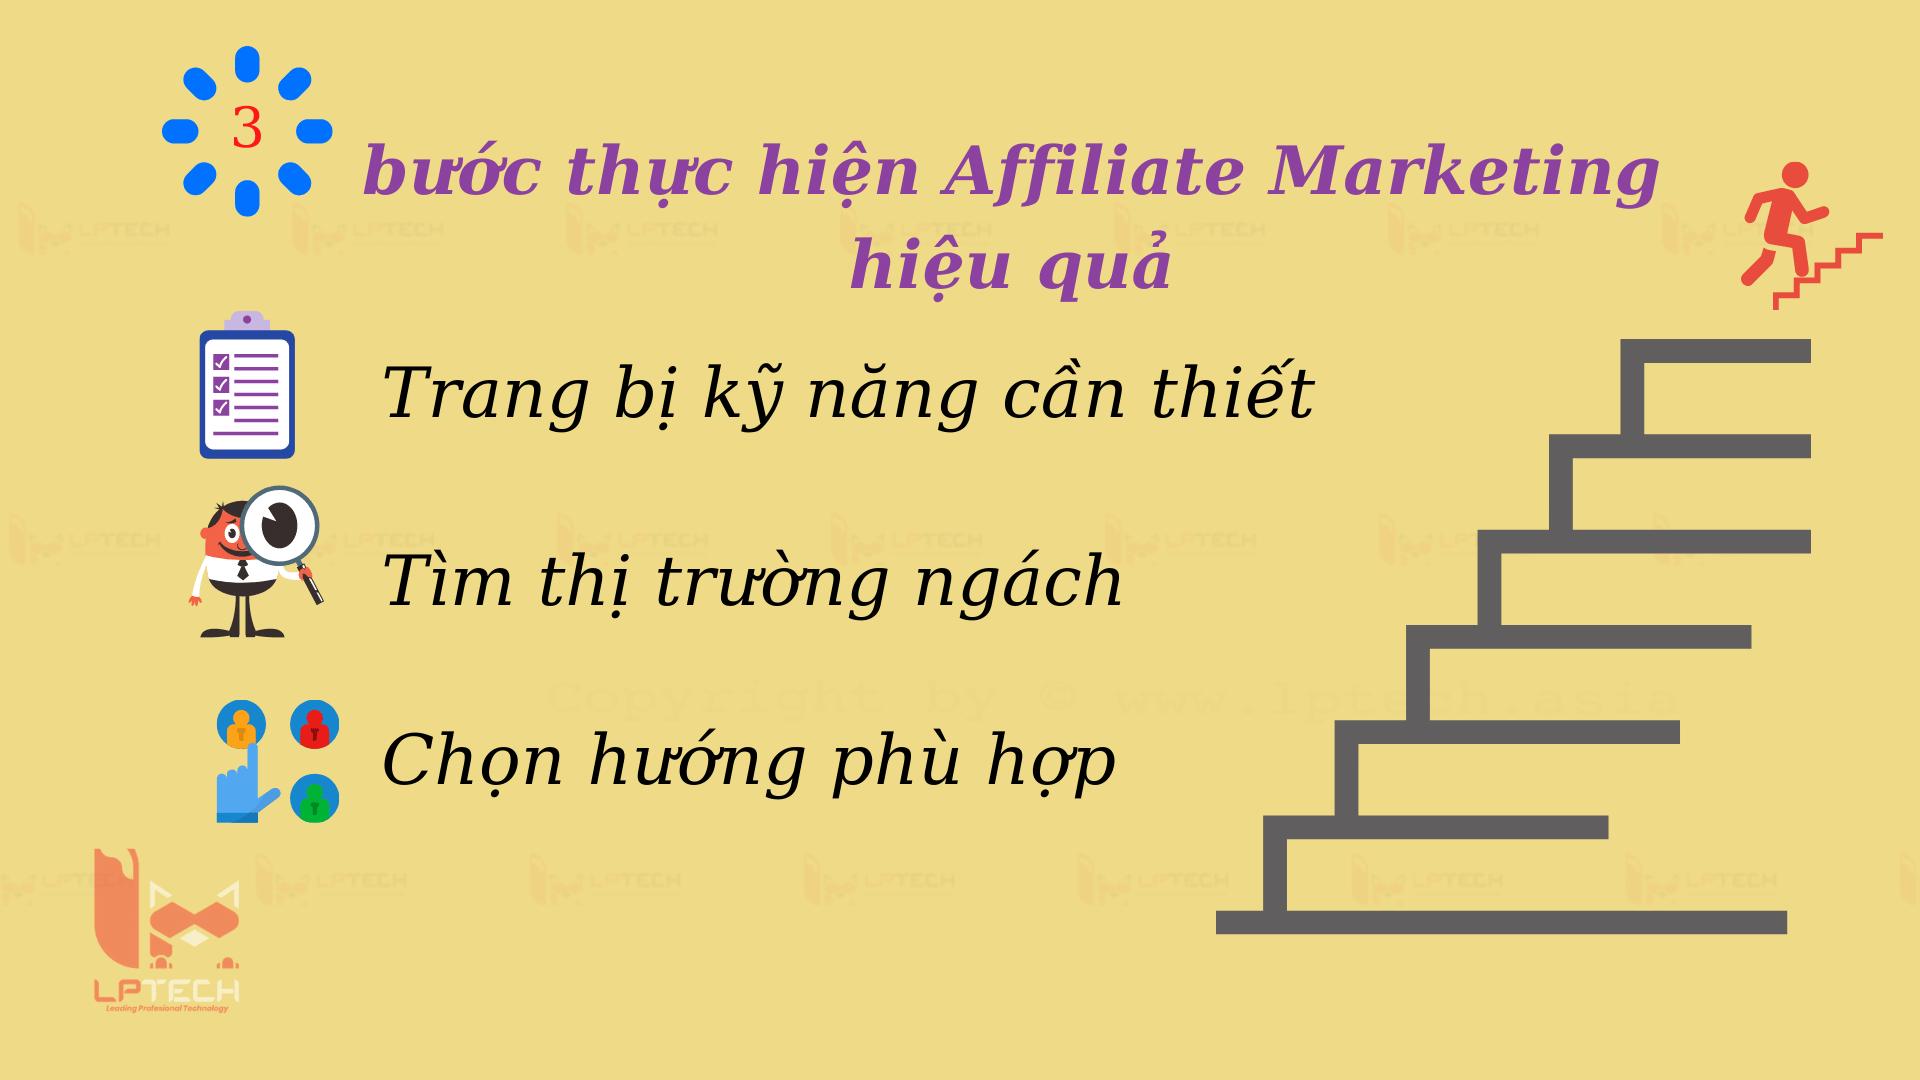 Các bước thực hiện Affiliate Marketing